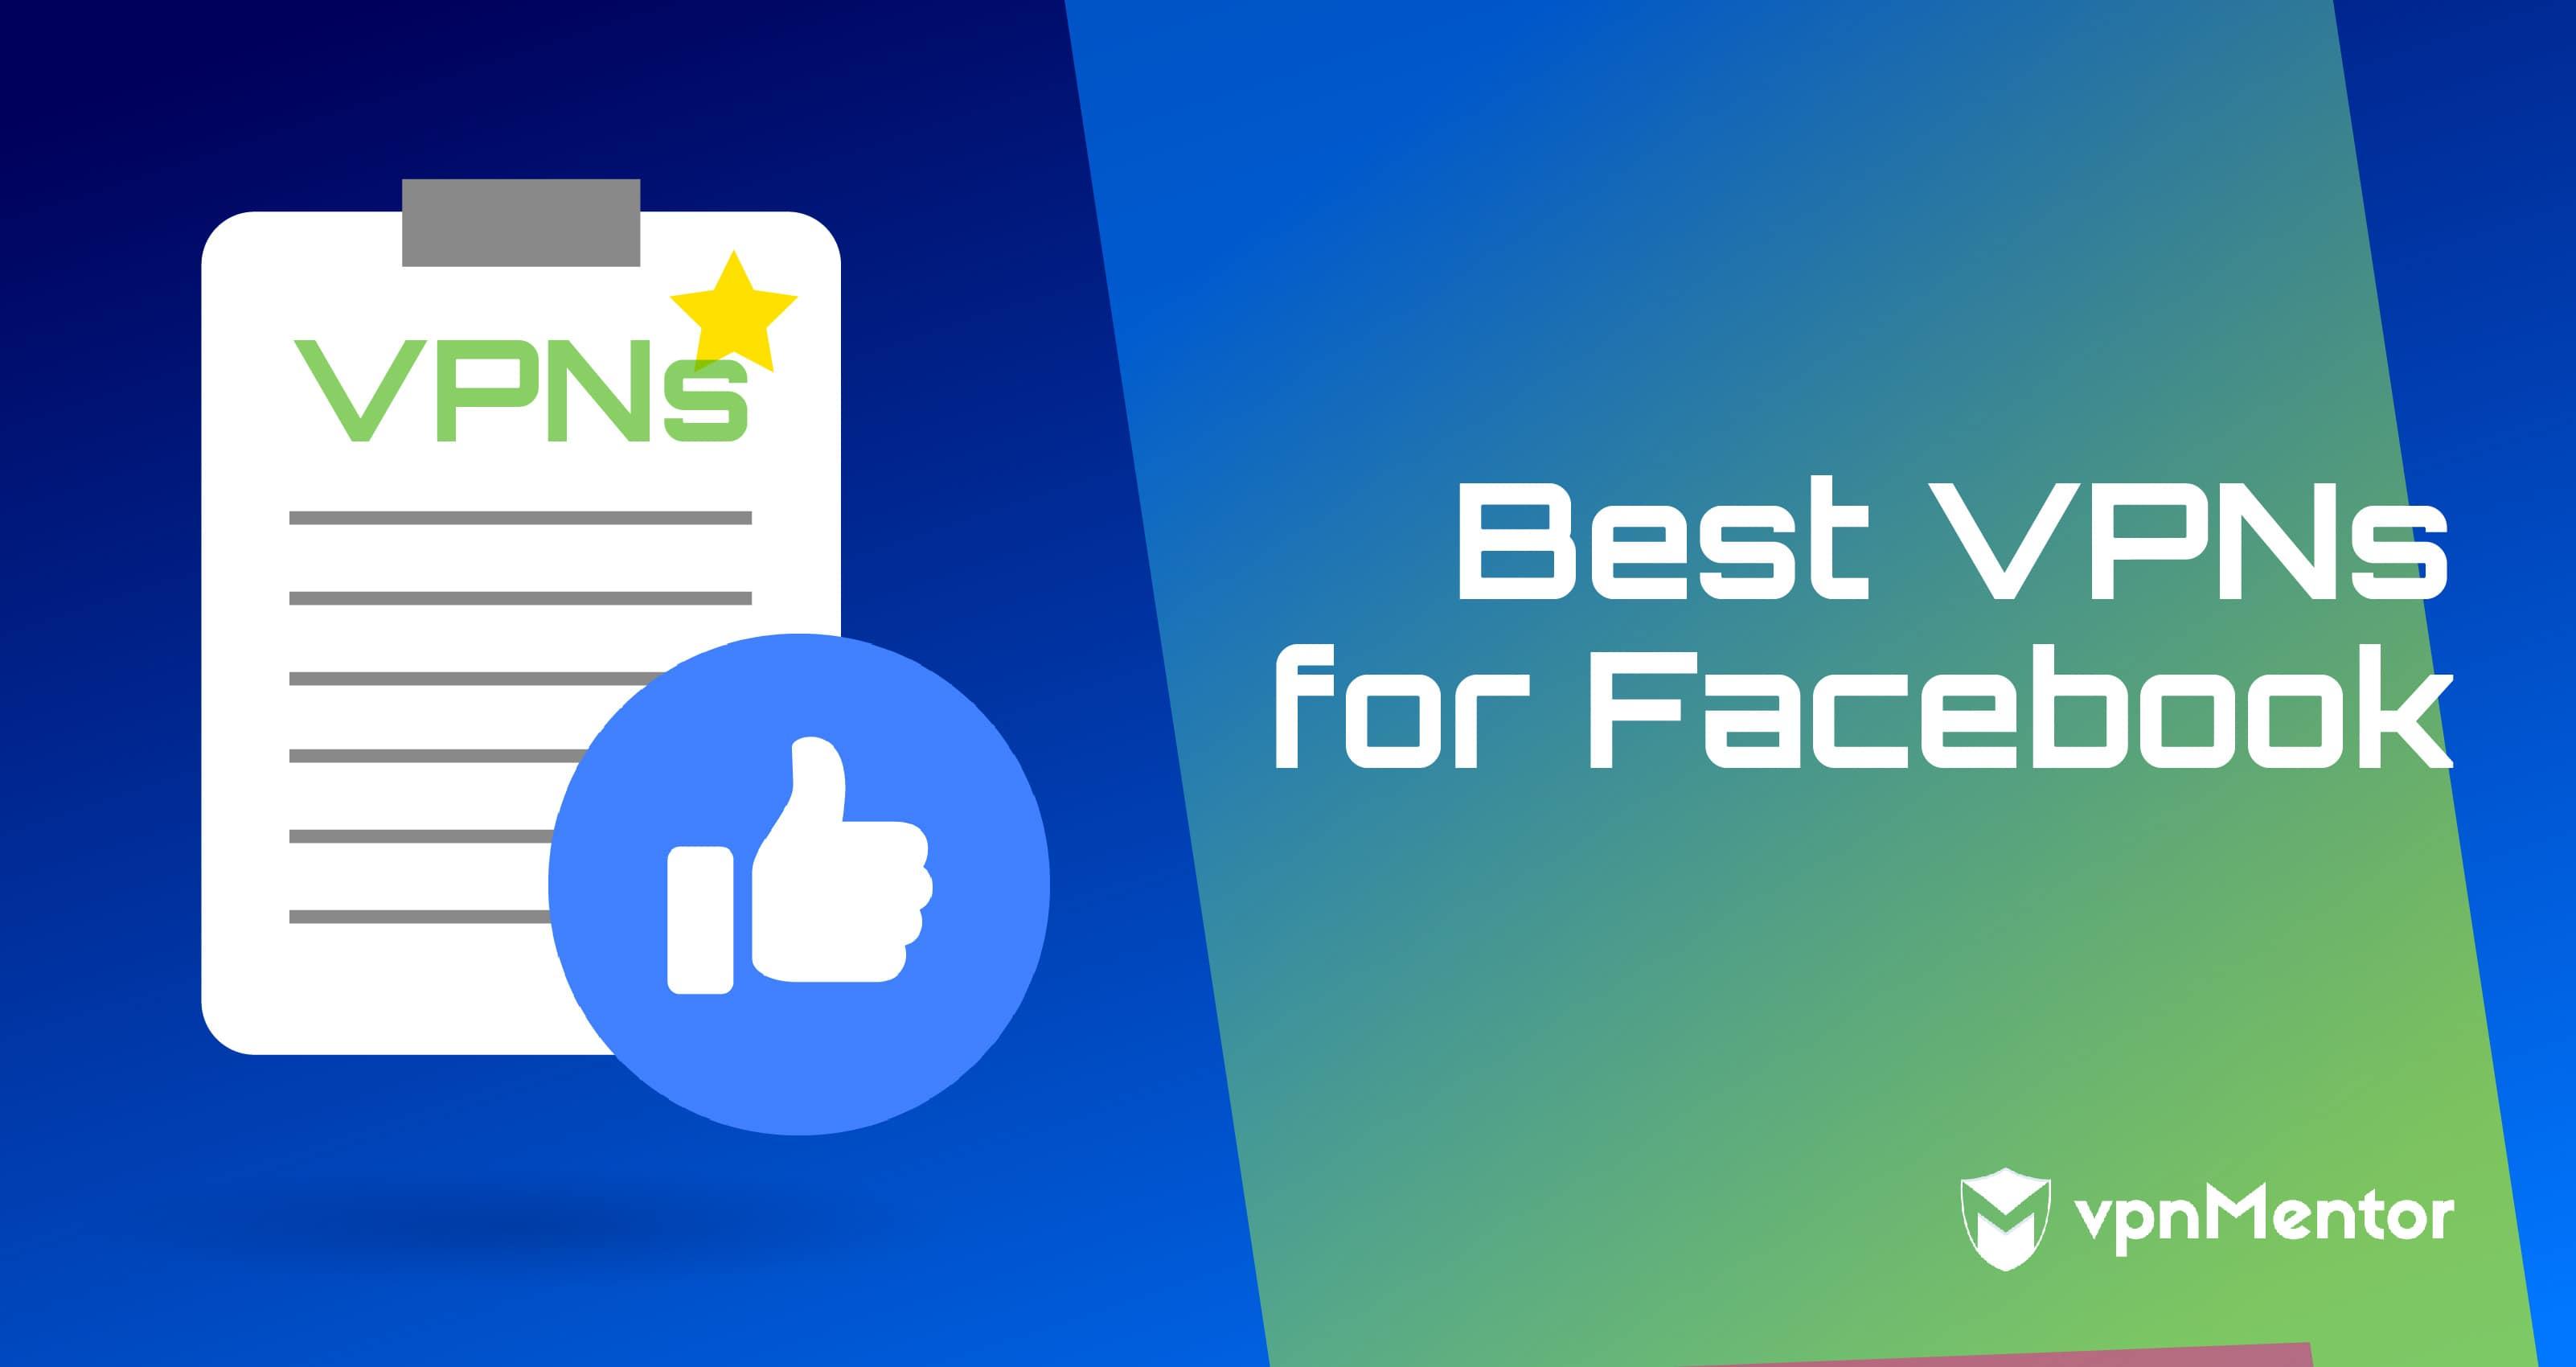 VPNs for Facebook